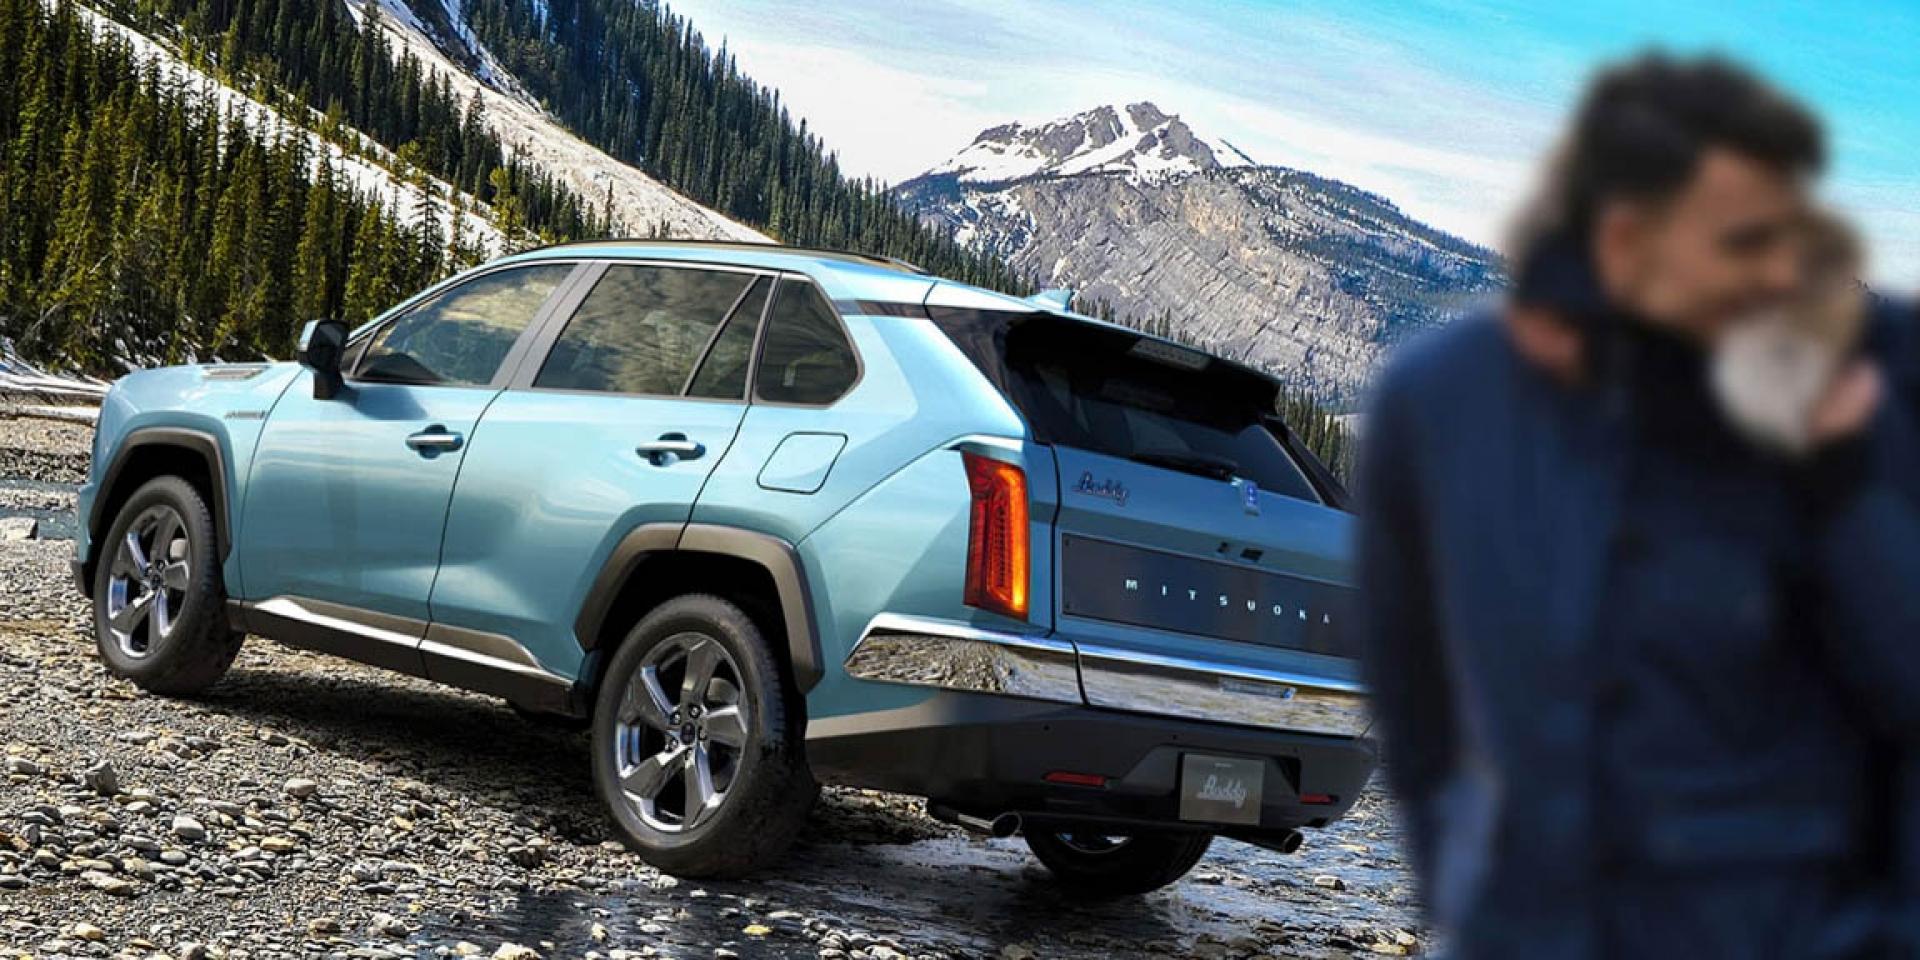 這真的是RAV4改的!光岡自動車最新車款BUBBY,採用熱銷SUV作為基礎改裝